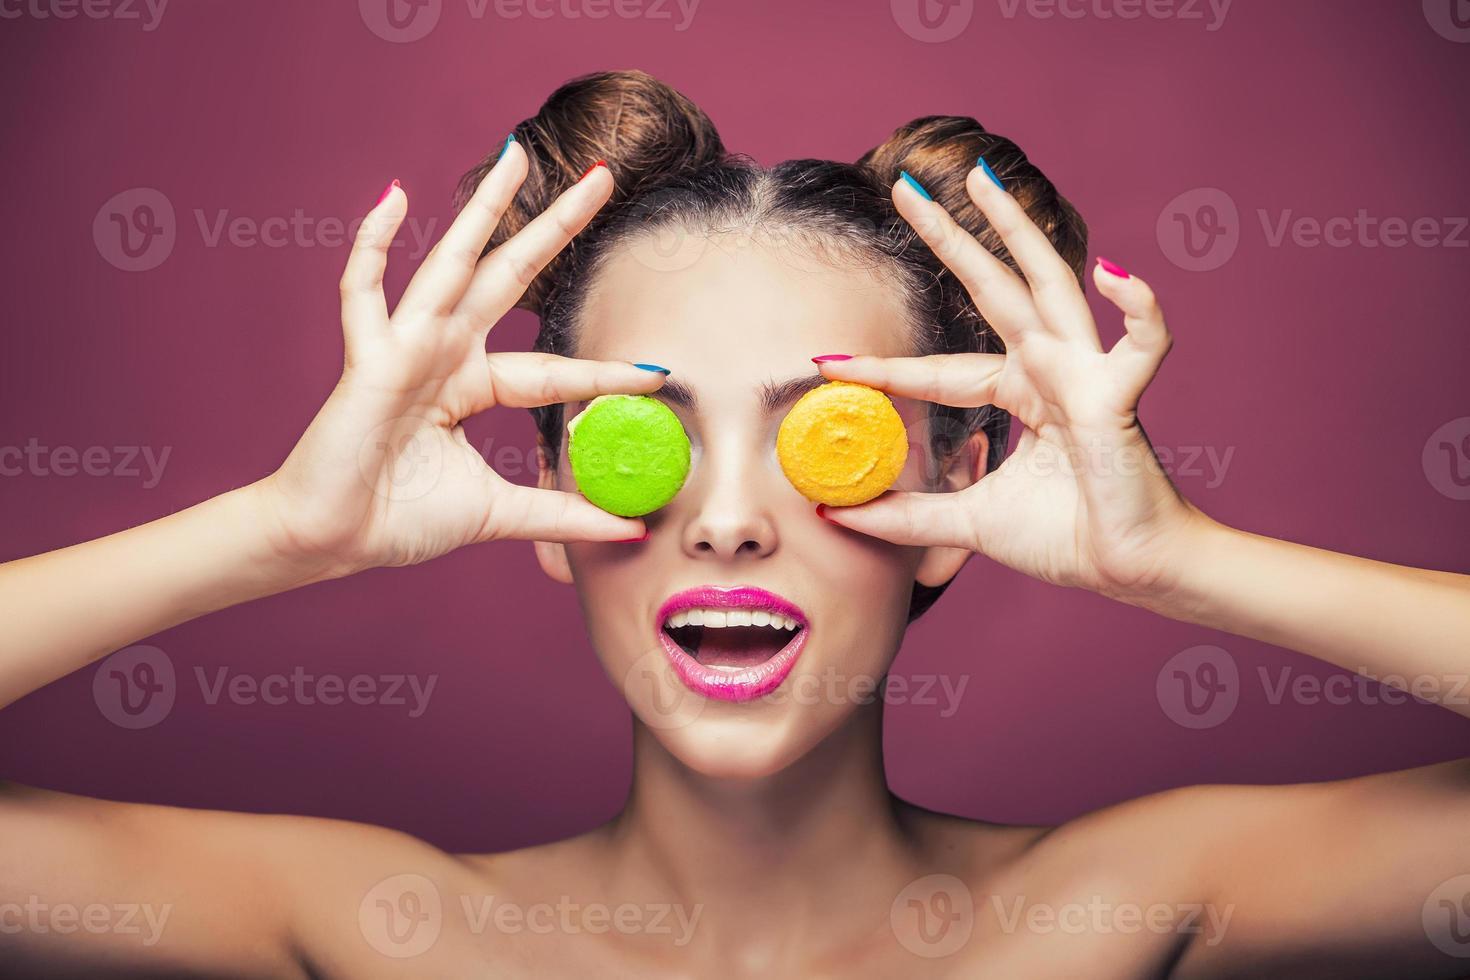 modella, una donna con trucco luminoso e biscotti colorati scherzando. foto